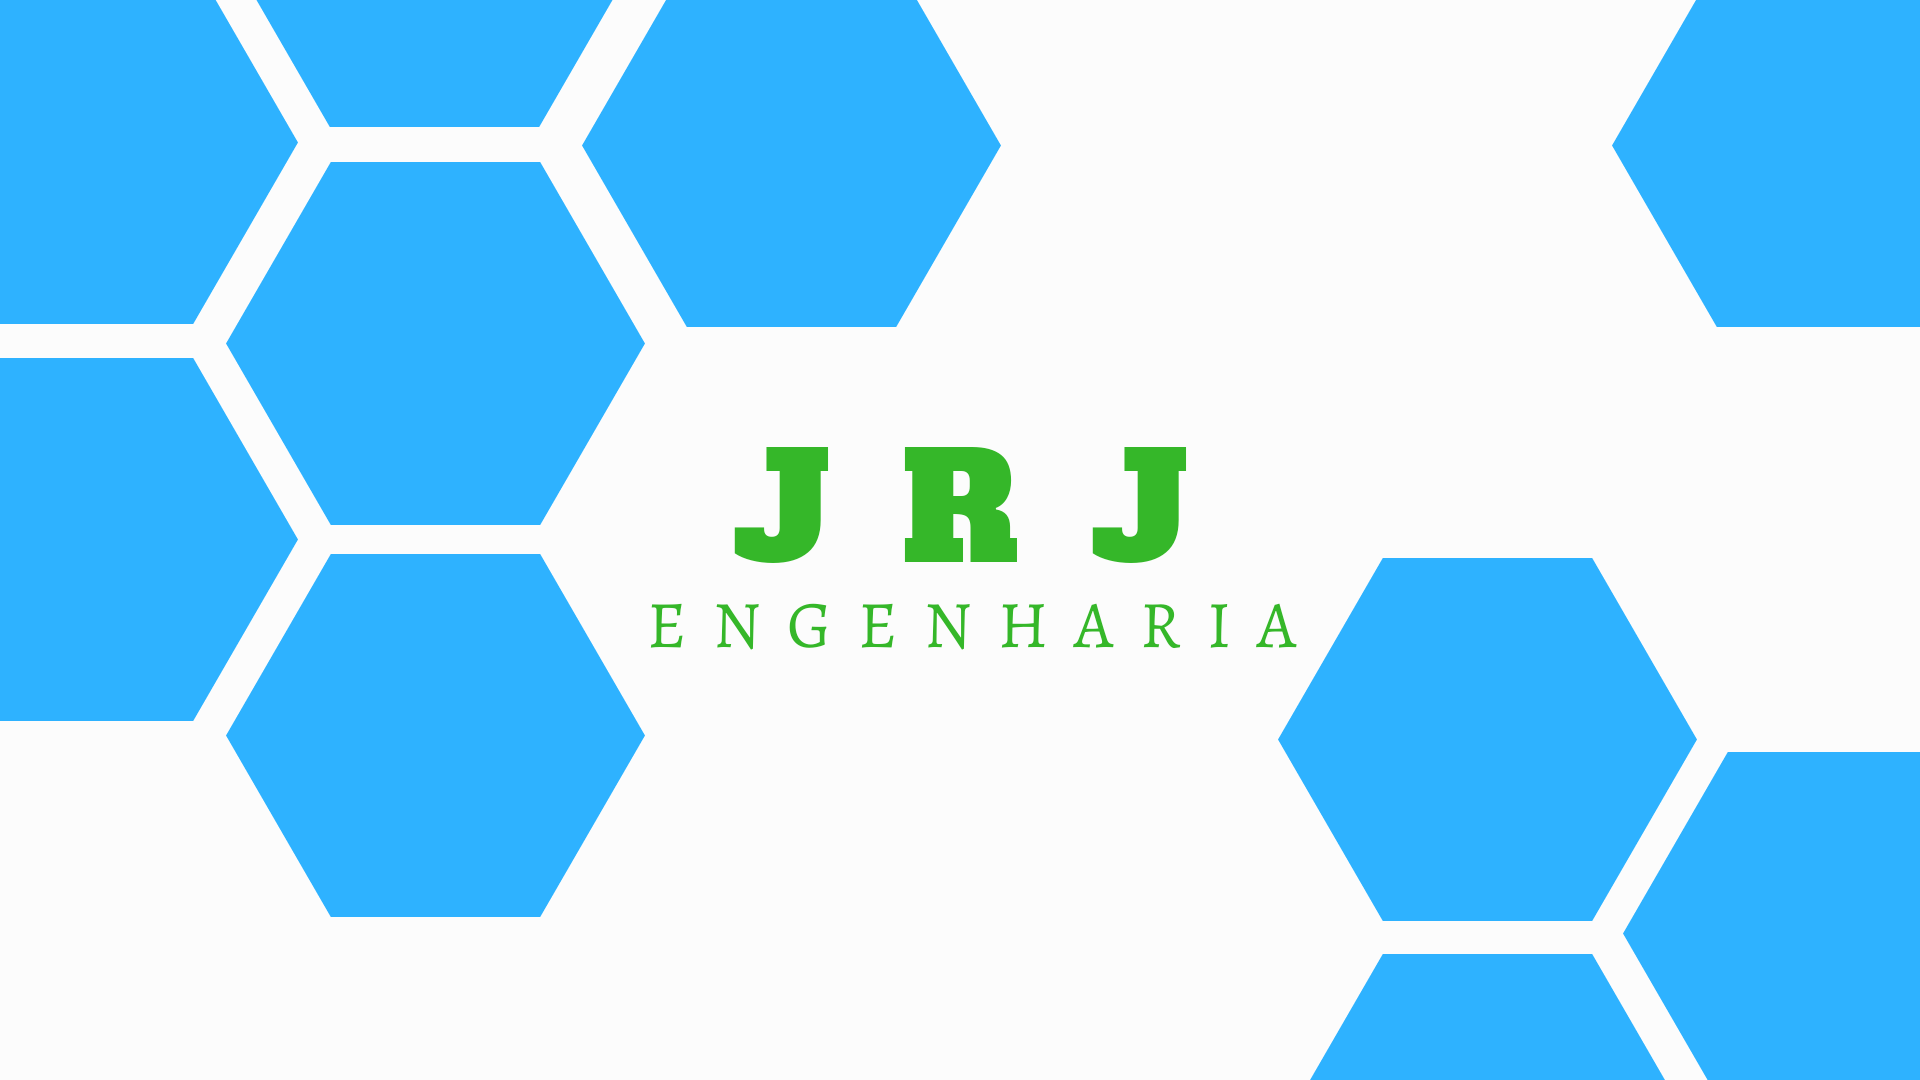 JRJENGENHARIA CNPJ:26.718.511/0001-37